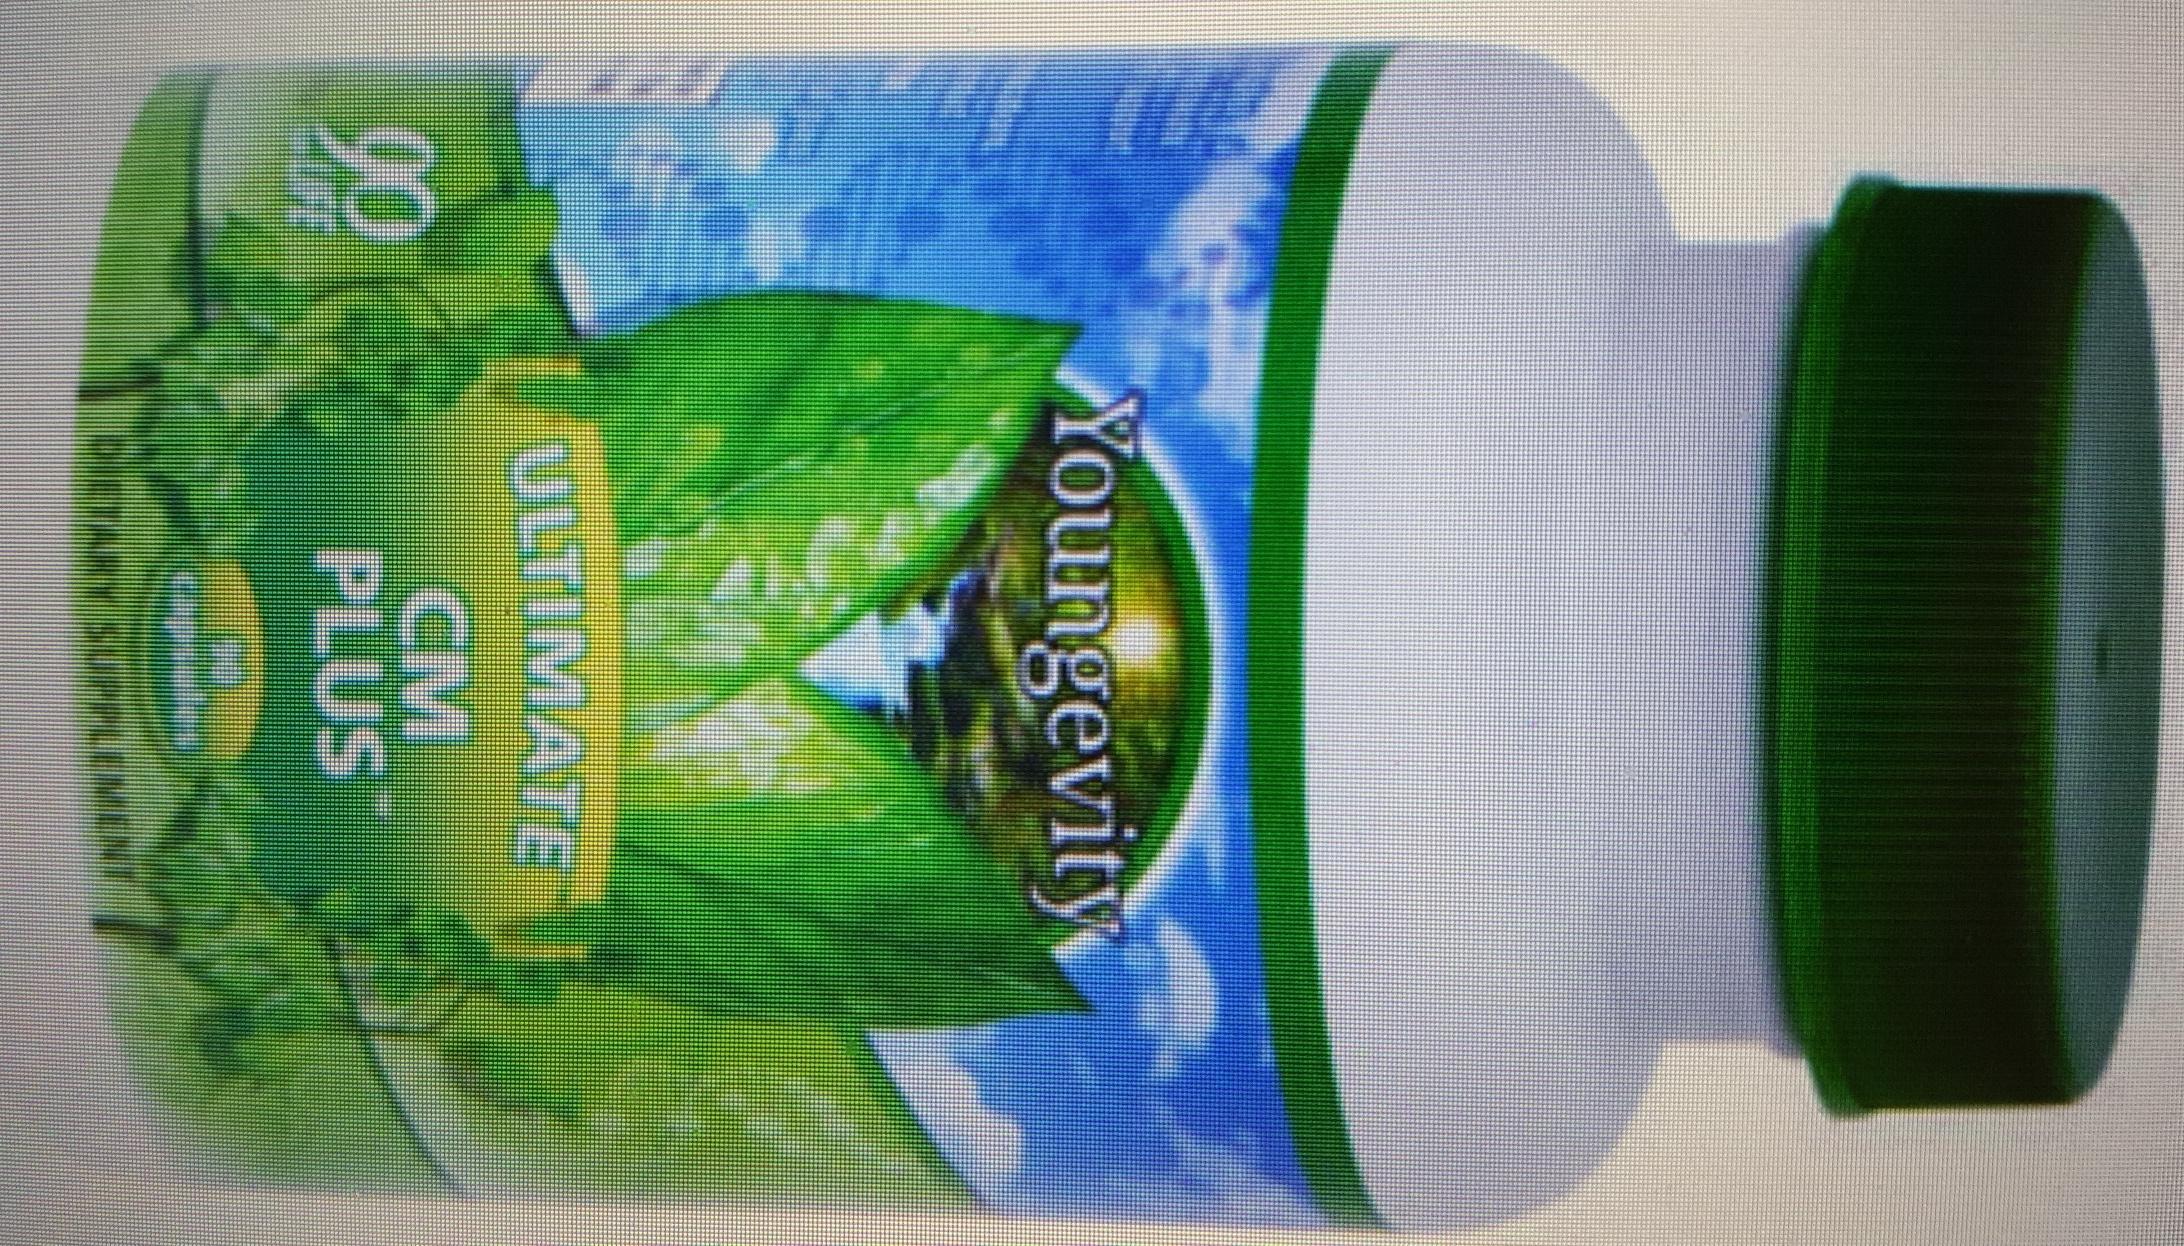 ULTIMATE CM PLUS - 90 CAPSULES - 2 Bottles